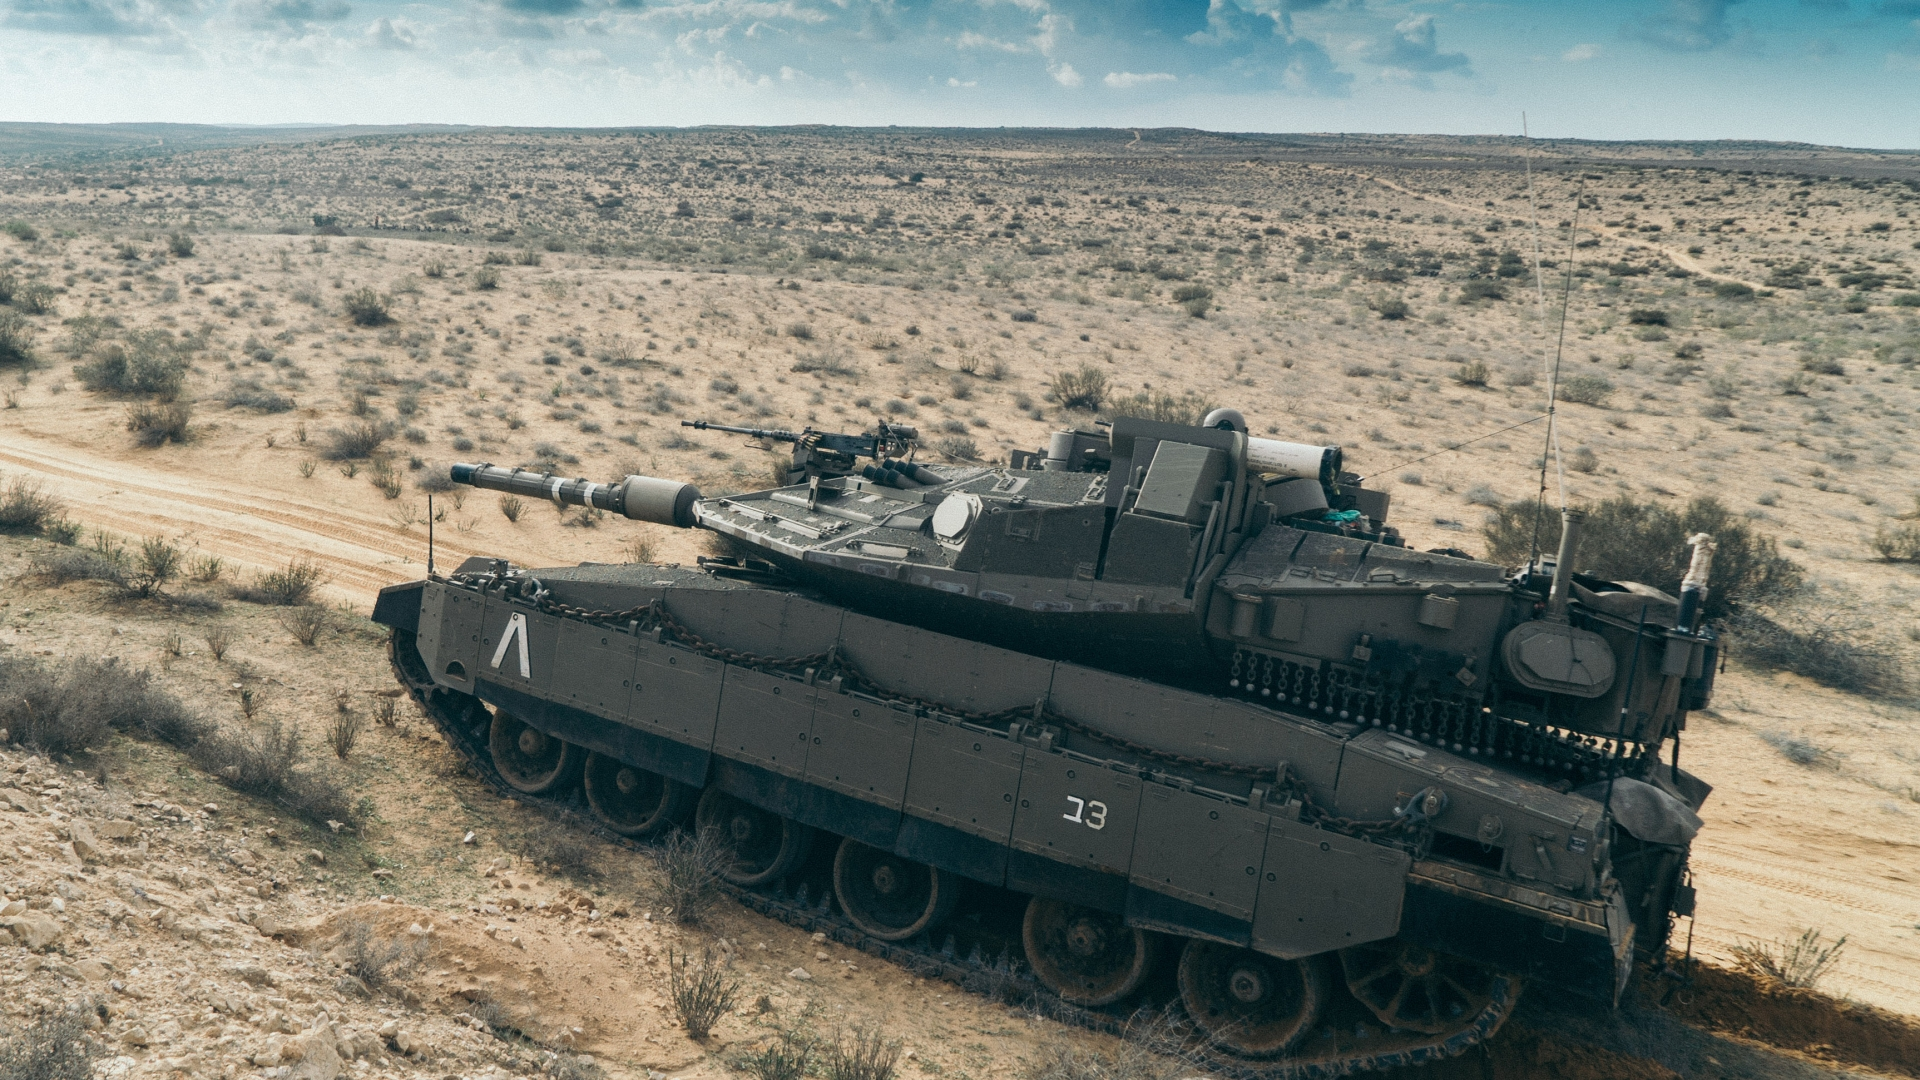 израильские танки картинки хорошо пропускает воздух